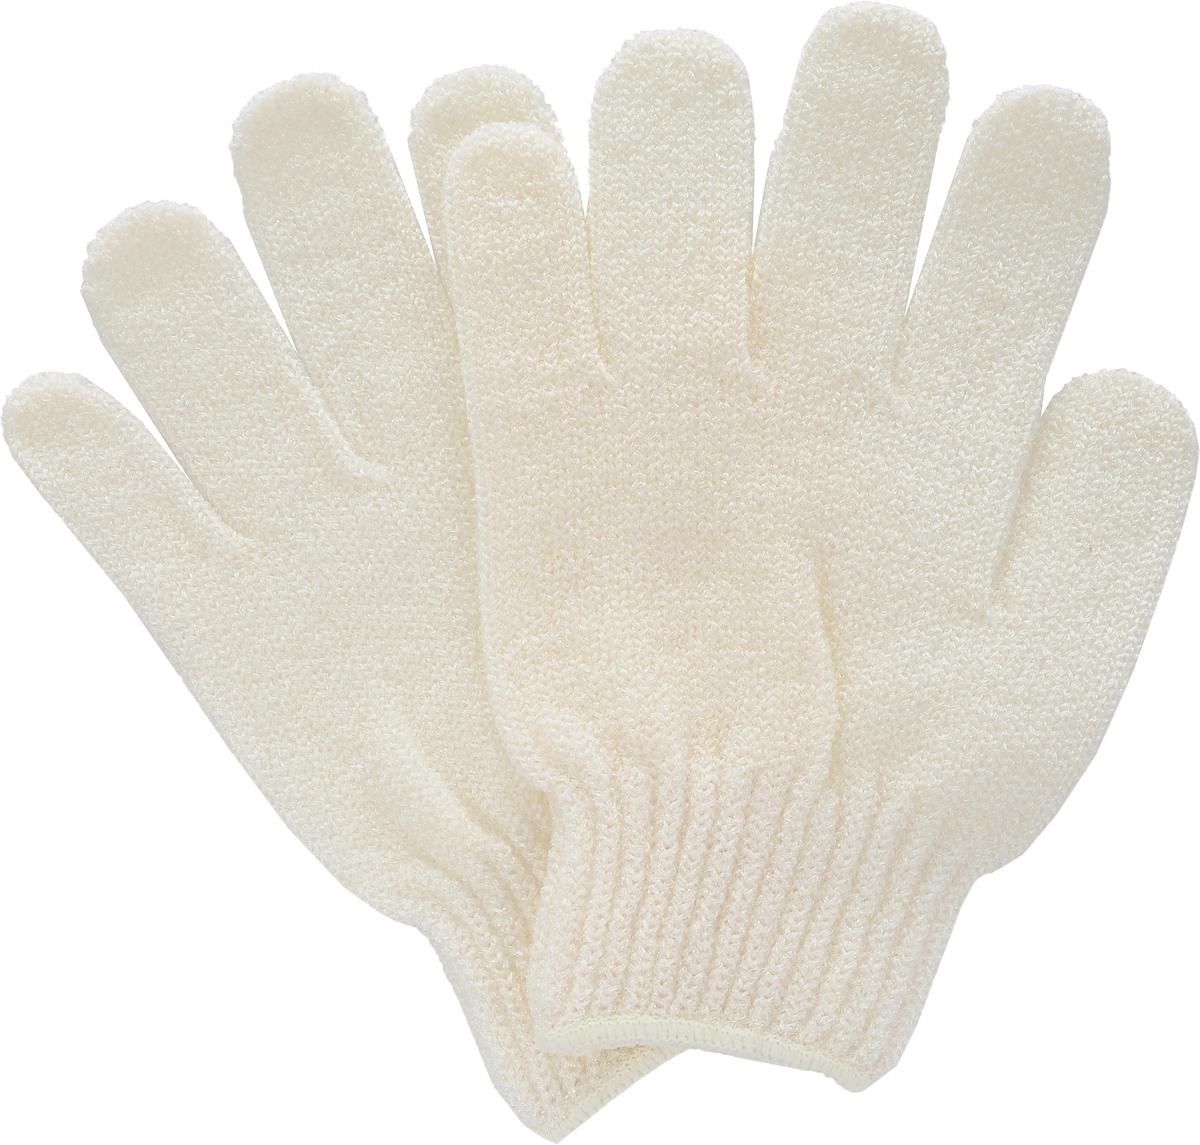 Перчатки для пилинга Riffi, цвет: молочный28143Эластичные безразмерные перчатки Riffi обладают активным антицеллюлитным эффектом и отличным пилинговым действием, тонизируя, массируя и эффективно очищая вашу кожу. Перчатки Riffi освобождает кожу от отмерших клеток, стимулирует регенерацию. Эффективно предупреждают образование целлюлита и обеспечивают омолаживающий эффект. Кожа становится гладкой, упругой и лучше готовой к принятию косметических средств. Интенсивный и пощипывающий свежий массаж тела с применением перчаток Riffi стимулирует кровообращение, активирует кровоснабжение, способствует обмену веществ.В комплекте 1 пара перчаток.